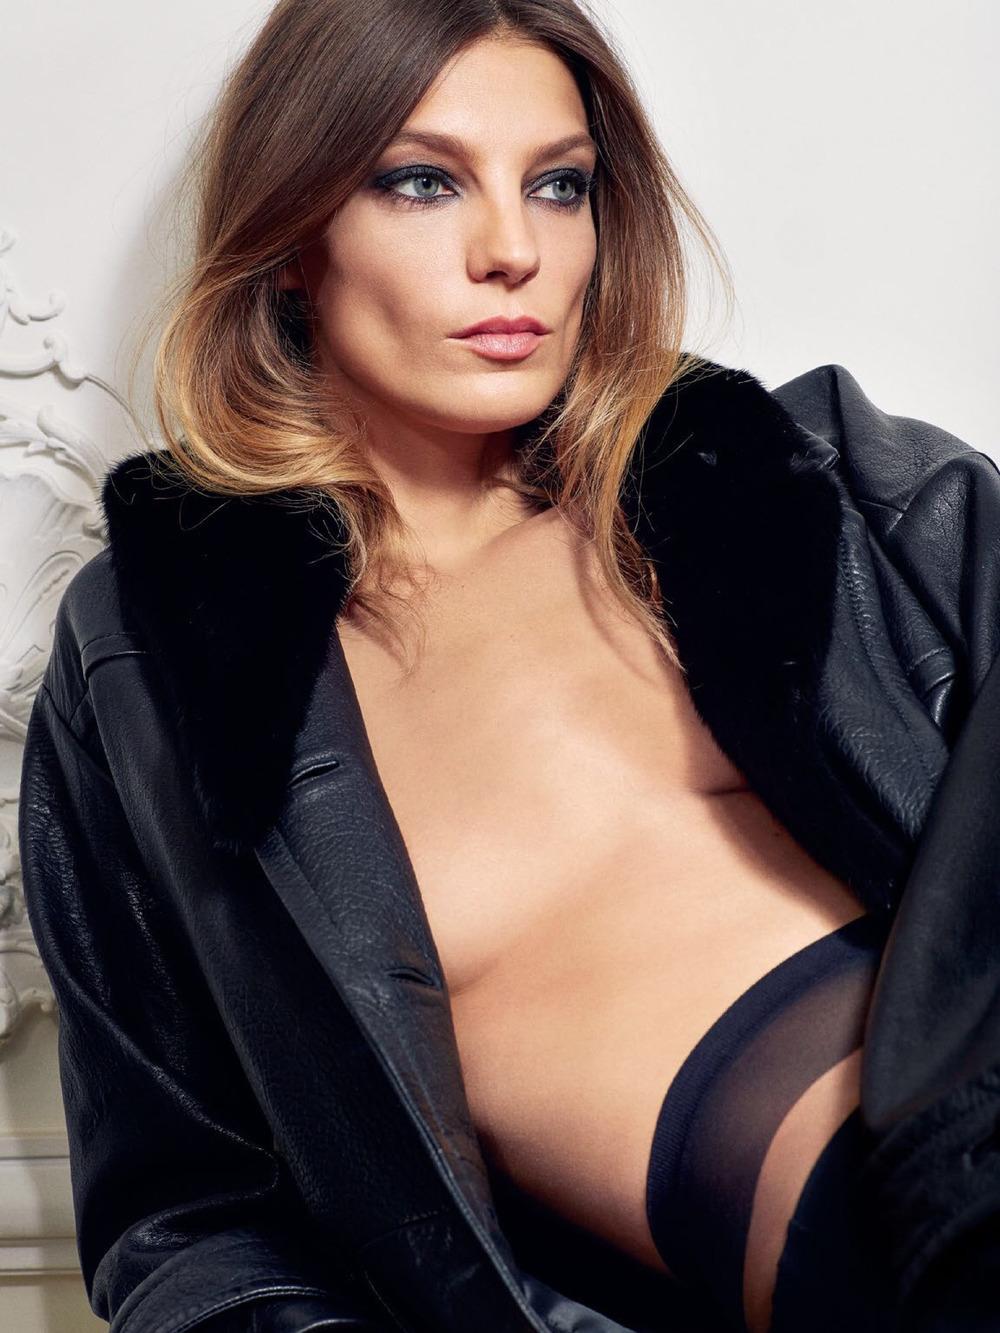 Daria Werbowy 2015 Daria-werbowy-vogue-paris-may